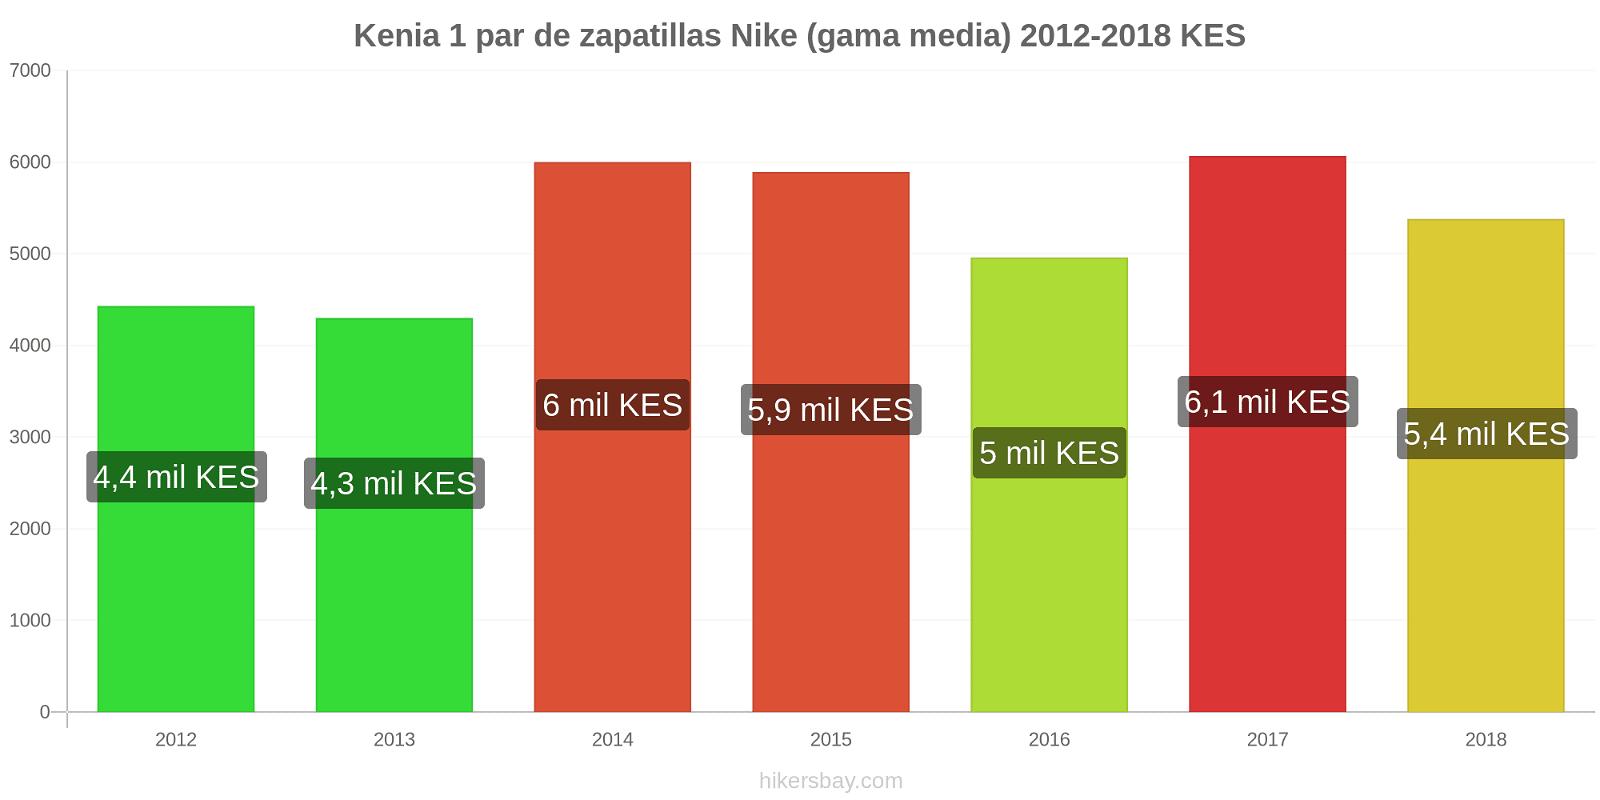 Kenia cambios de precios 1 par de zapatillas Nike (gama media) hikersbay.com